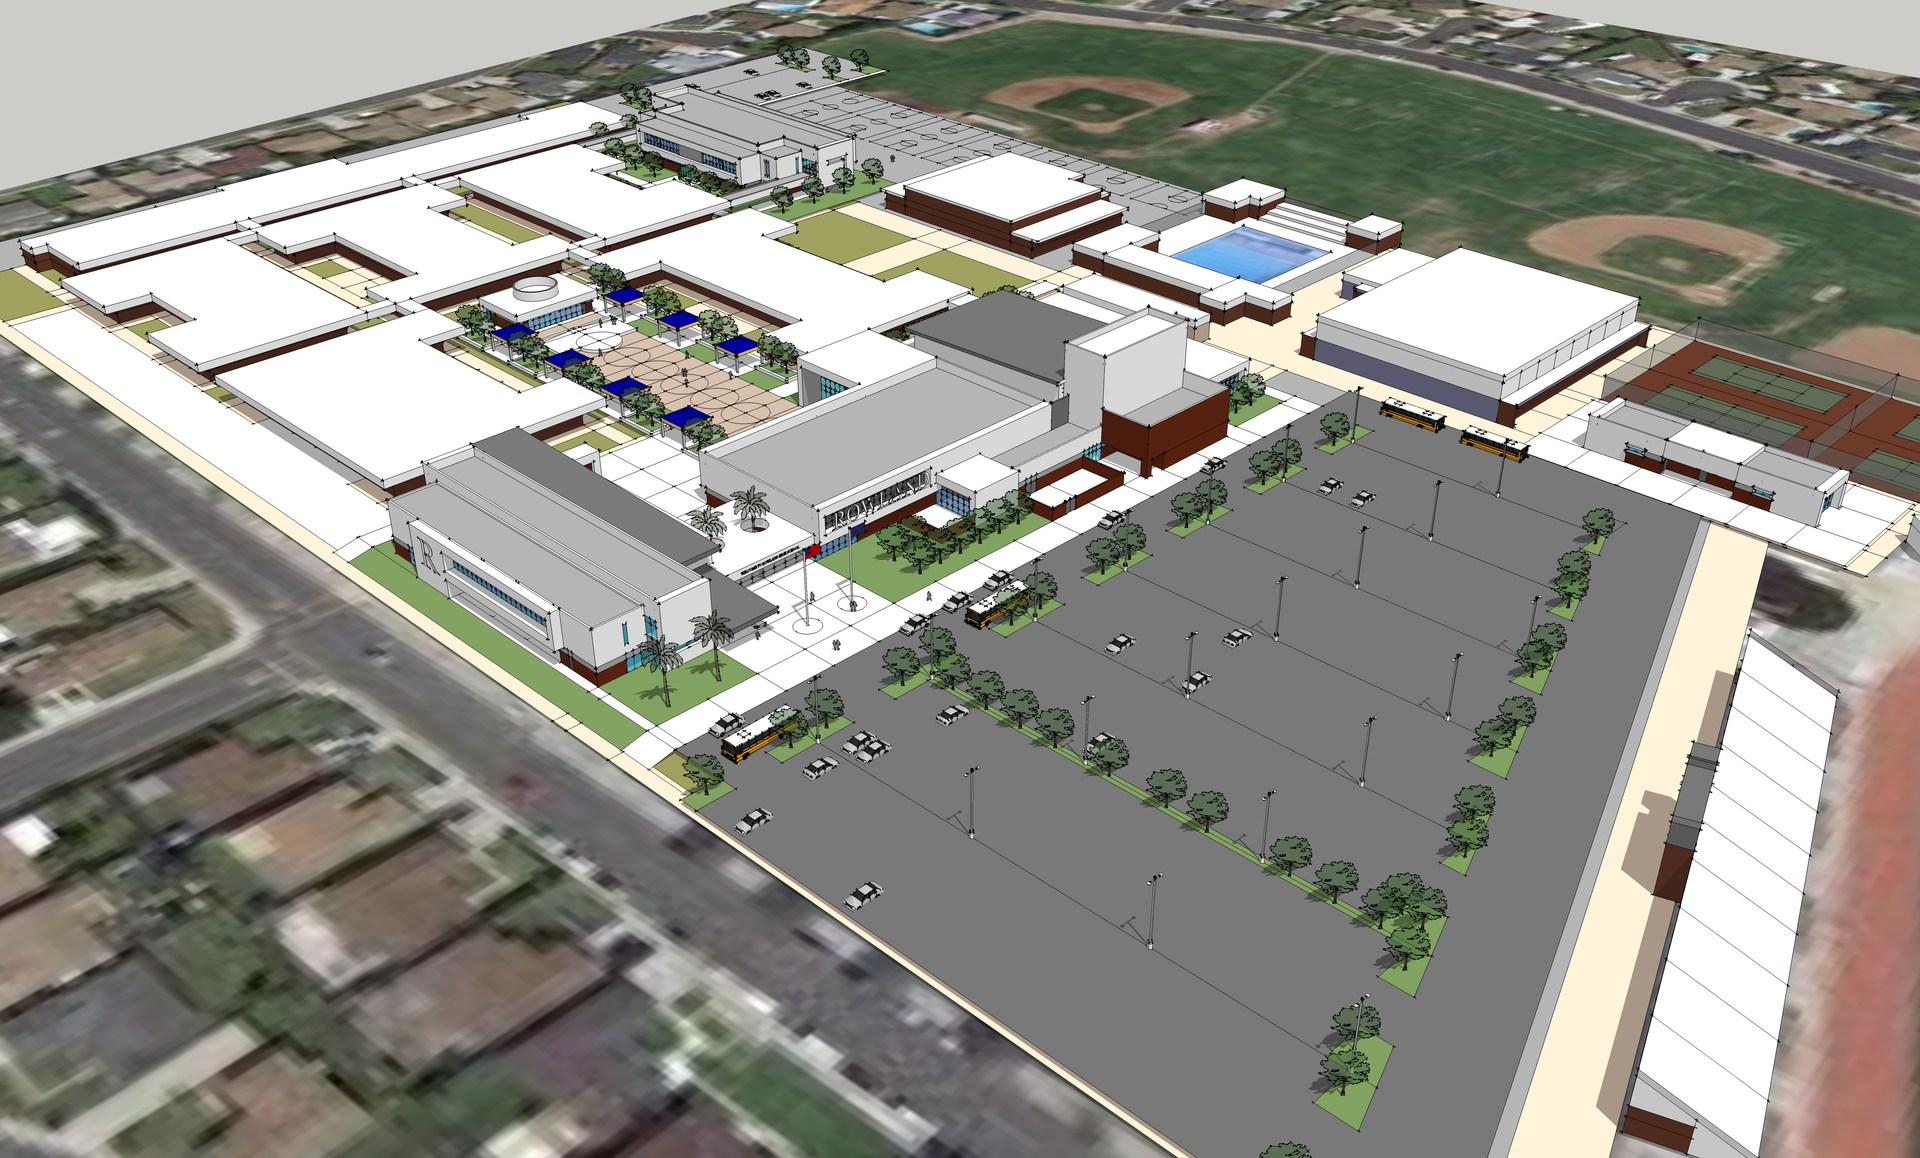 Aerial View of RHS